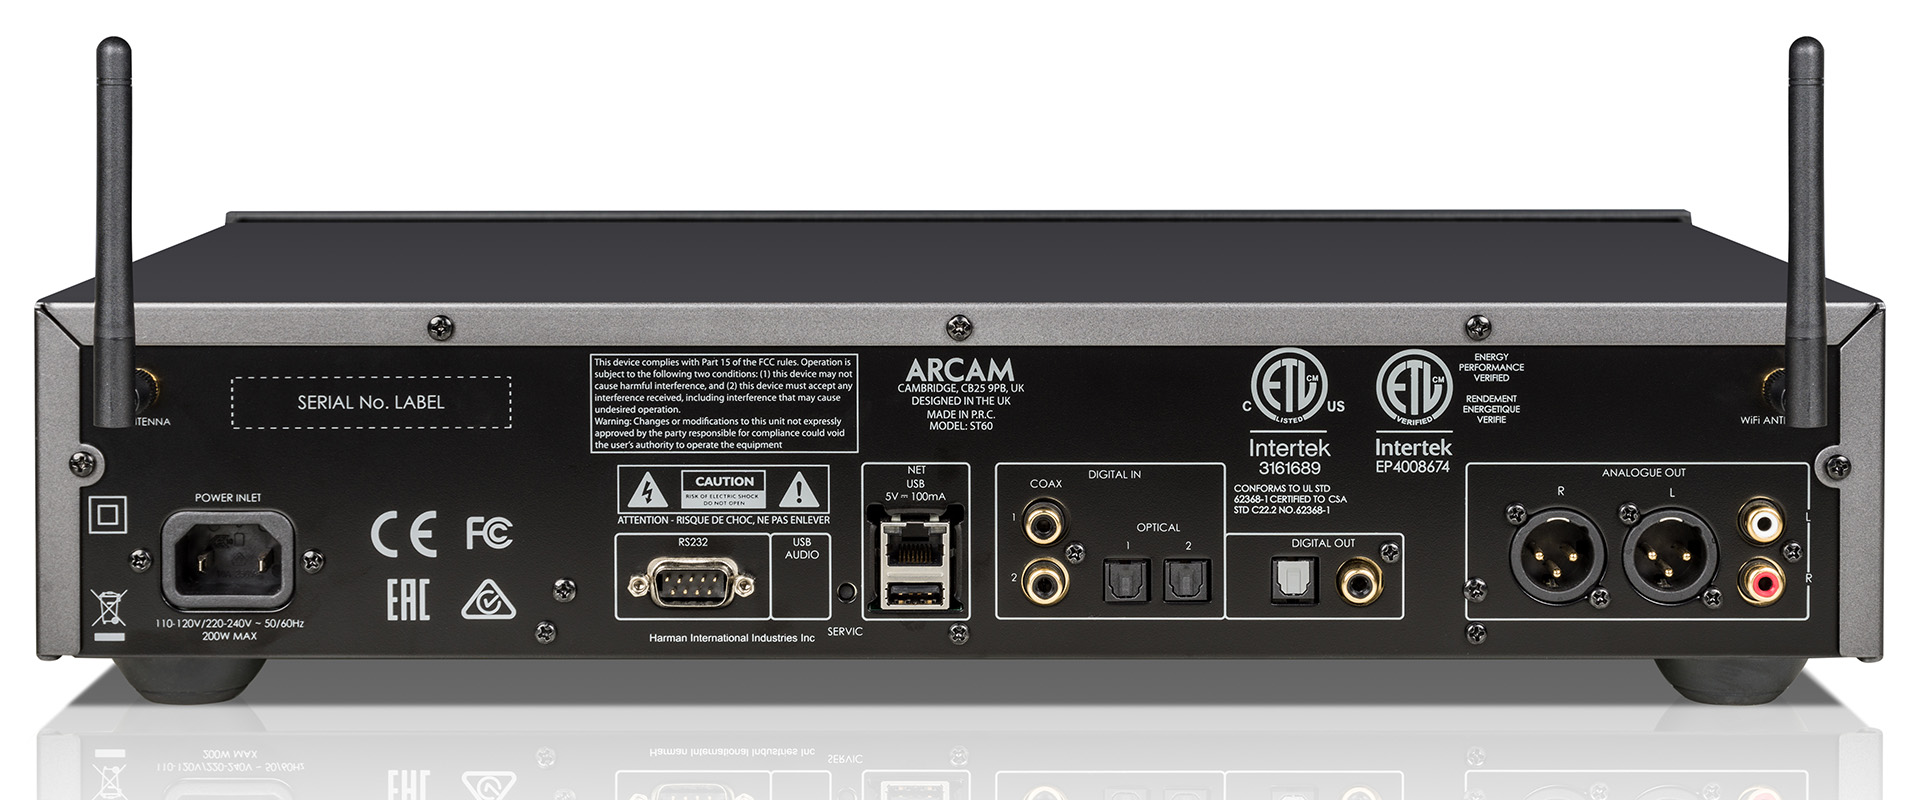 Стриминг без проблем: Arcam представляет потоковый проигрыватель ST60